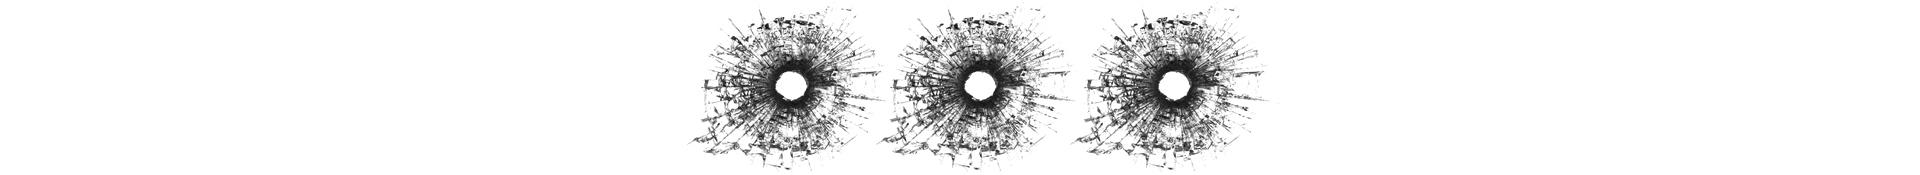 Философия мести   Ностальгический обзор игры Max Payne. - Изображение 14